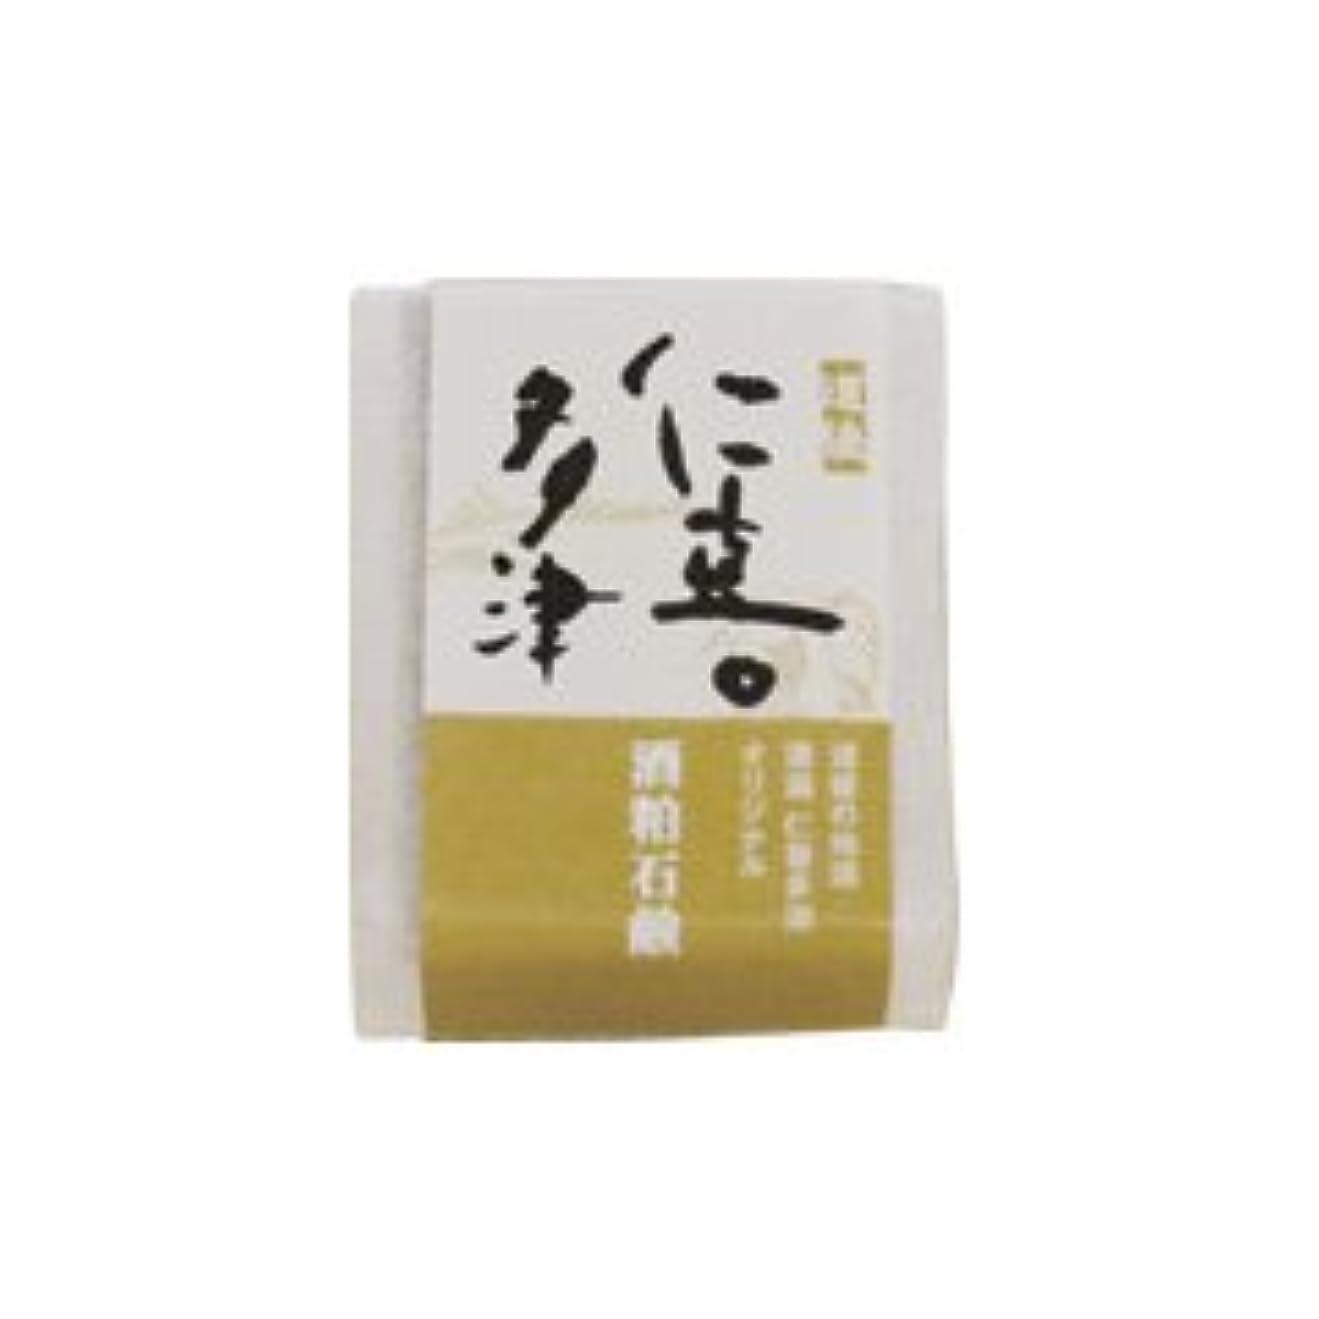 移行ジャンル砂漠仁喜多津 オリジナル 酒粕石鹸 60g